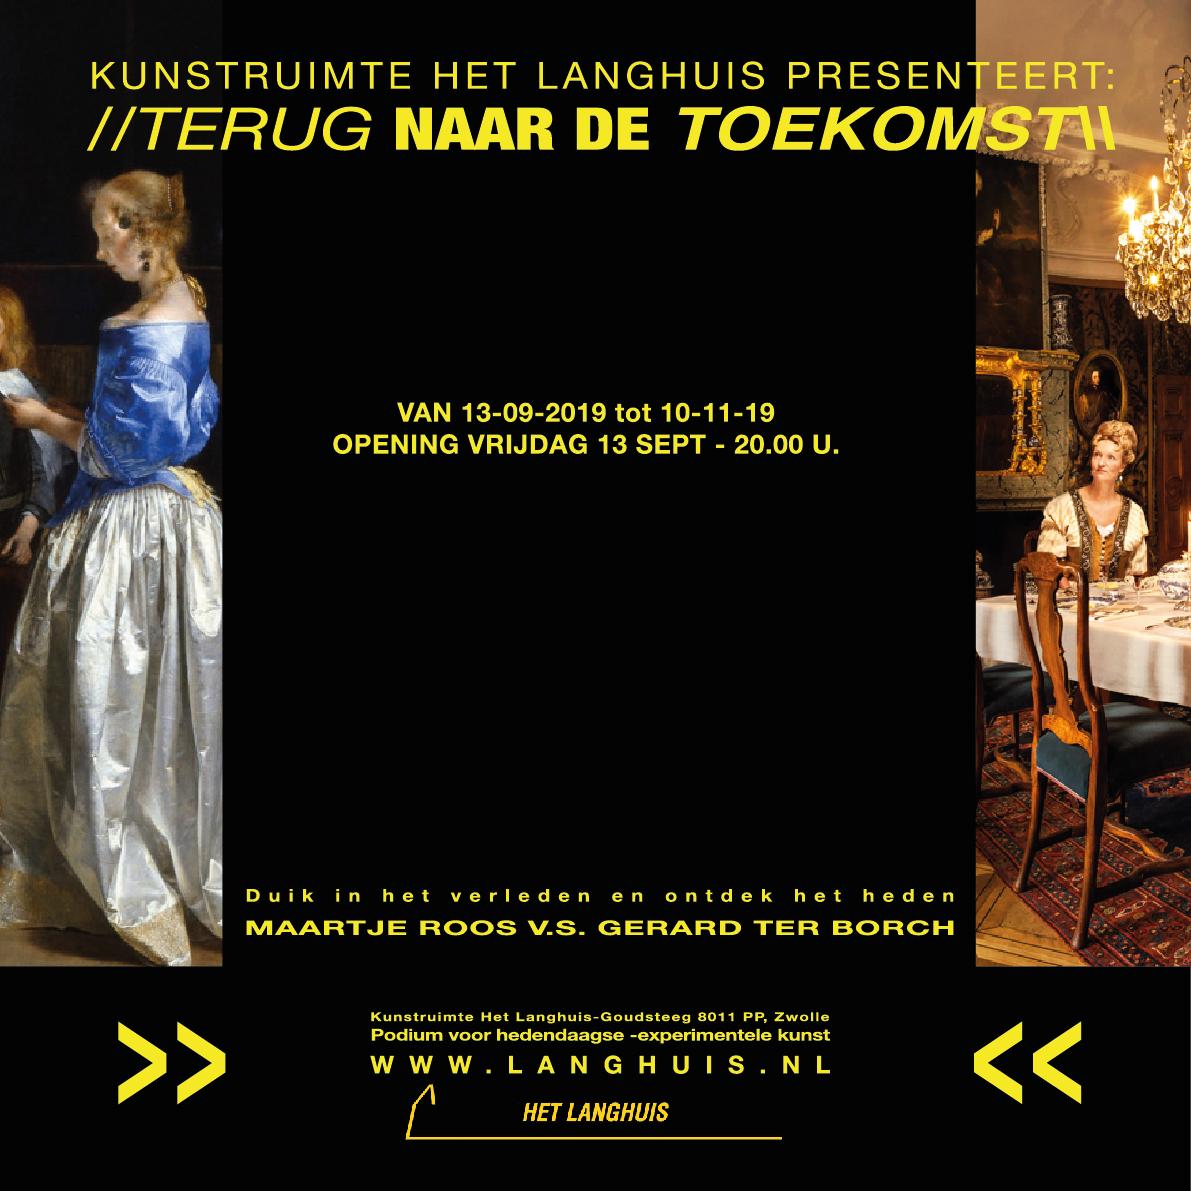 terug-naar-de-toekomst-kunstruimte-het-langhuis-zwolle-maartje-roos-vs-gerard-ter-borch-13-september-2019